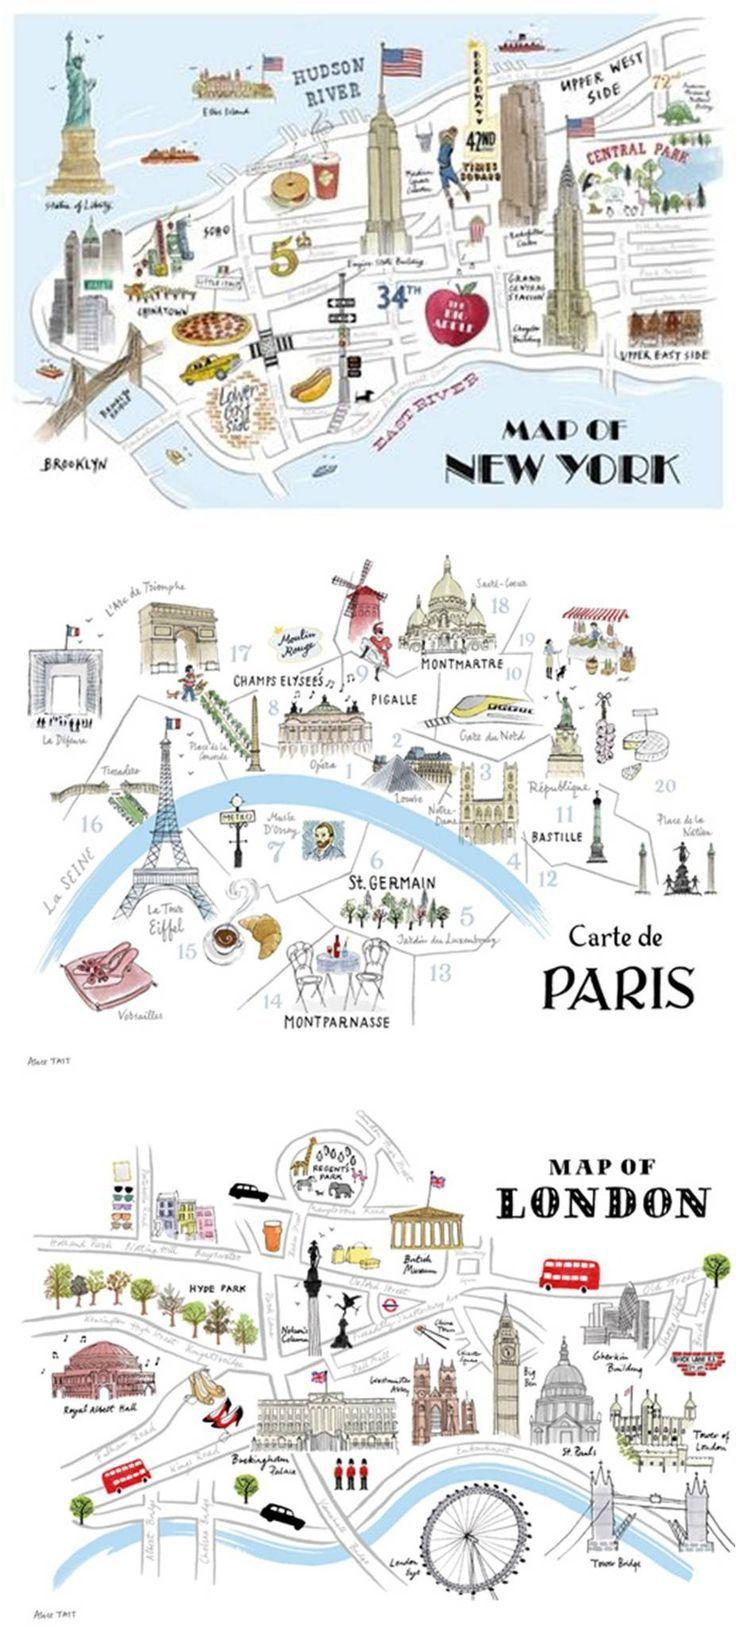 Cartes touristiques londres new york paris voyages for Carte touristique de paris